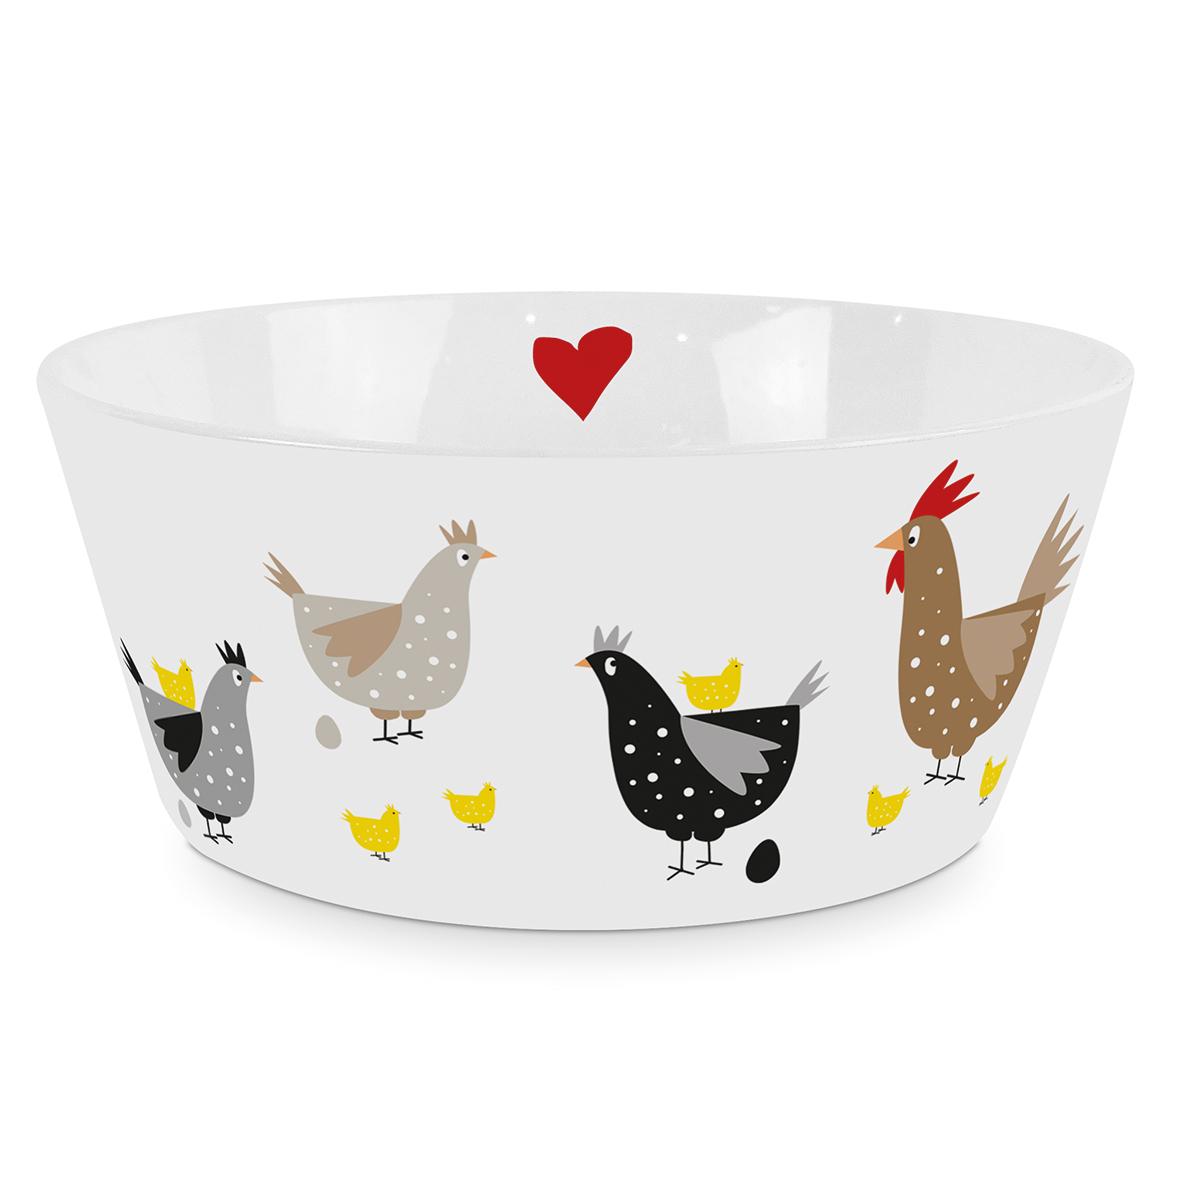 Breakfast Club Trend Bowl